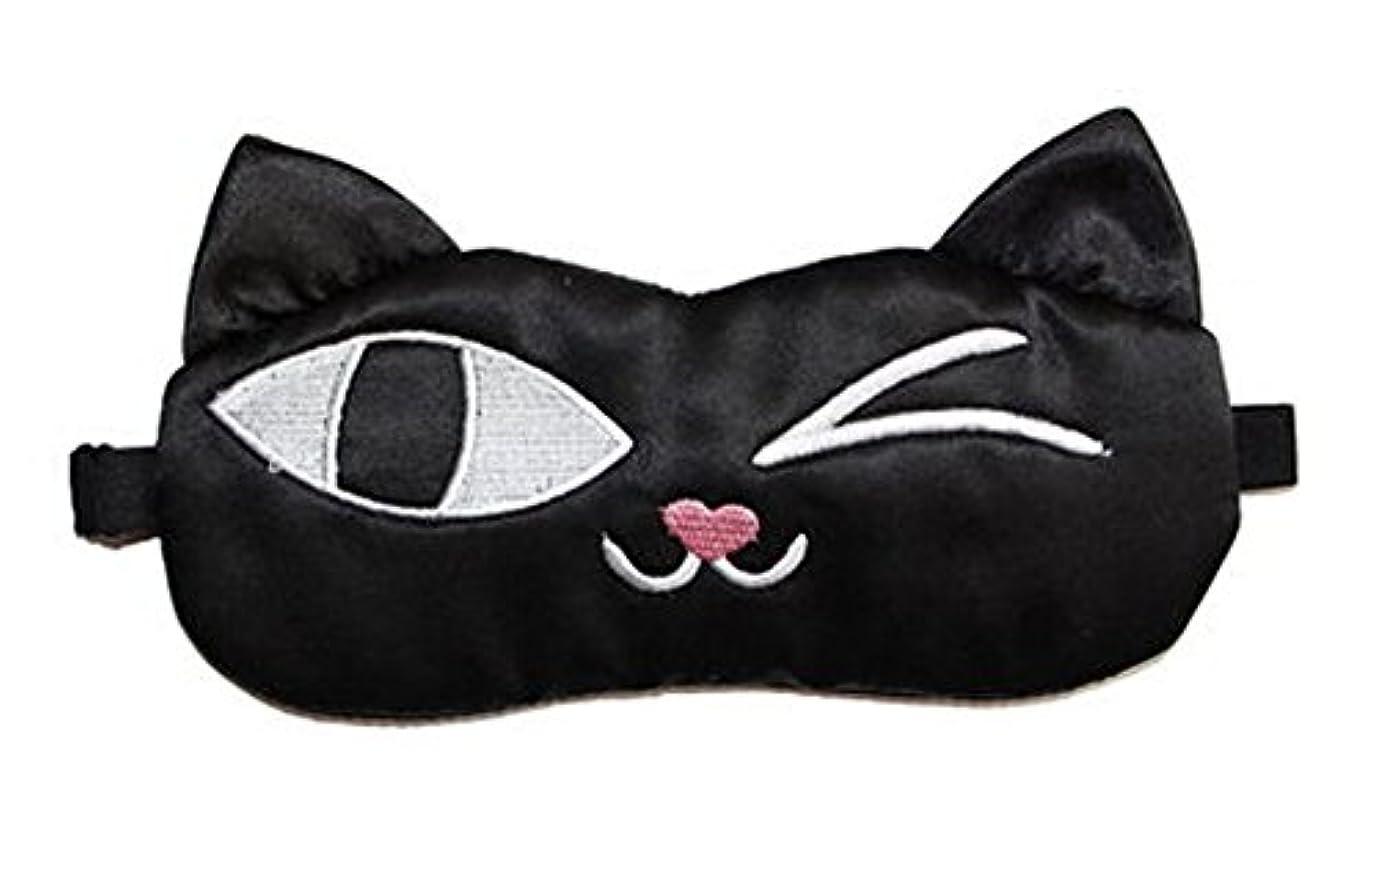 ドラゴンモニカ動的旅行と昼寝のためのかわいい黒猫ソフトシルクスリープアイマスク弾性アイシェード目隠し